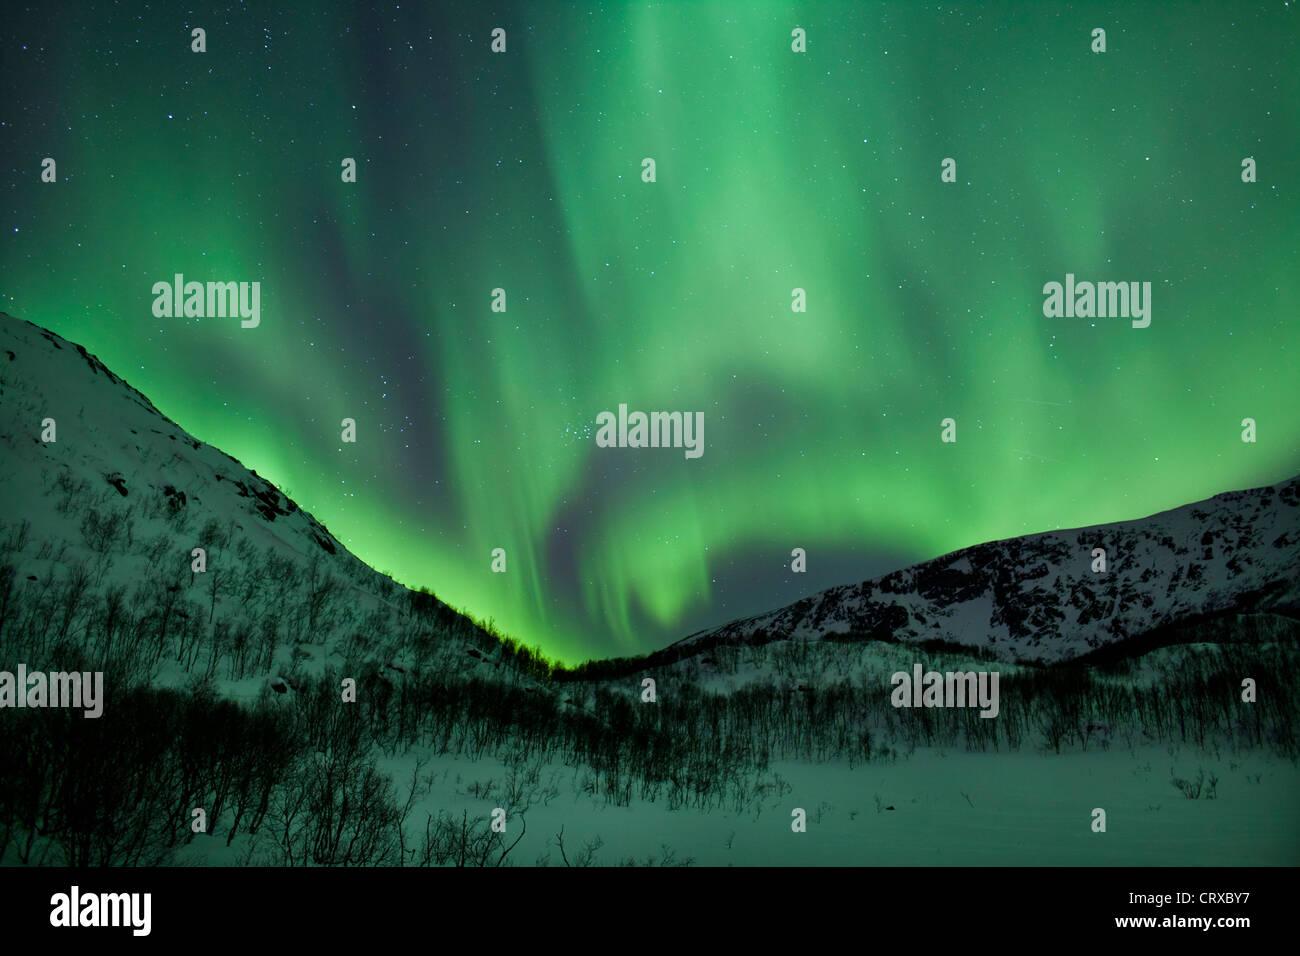 Aurora Boreale la Northern Lights riempire il cielo a Kvaloya nel Circolo Polare Artico vicino a Tromso, Norvegia Immagini Stock